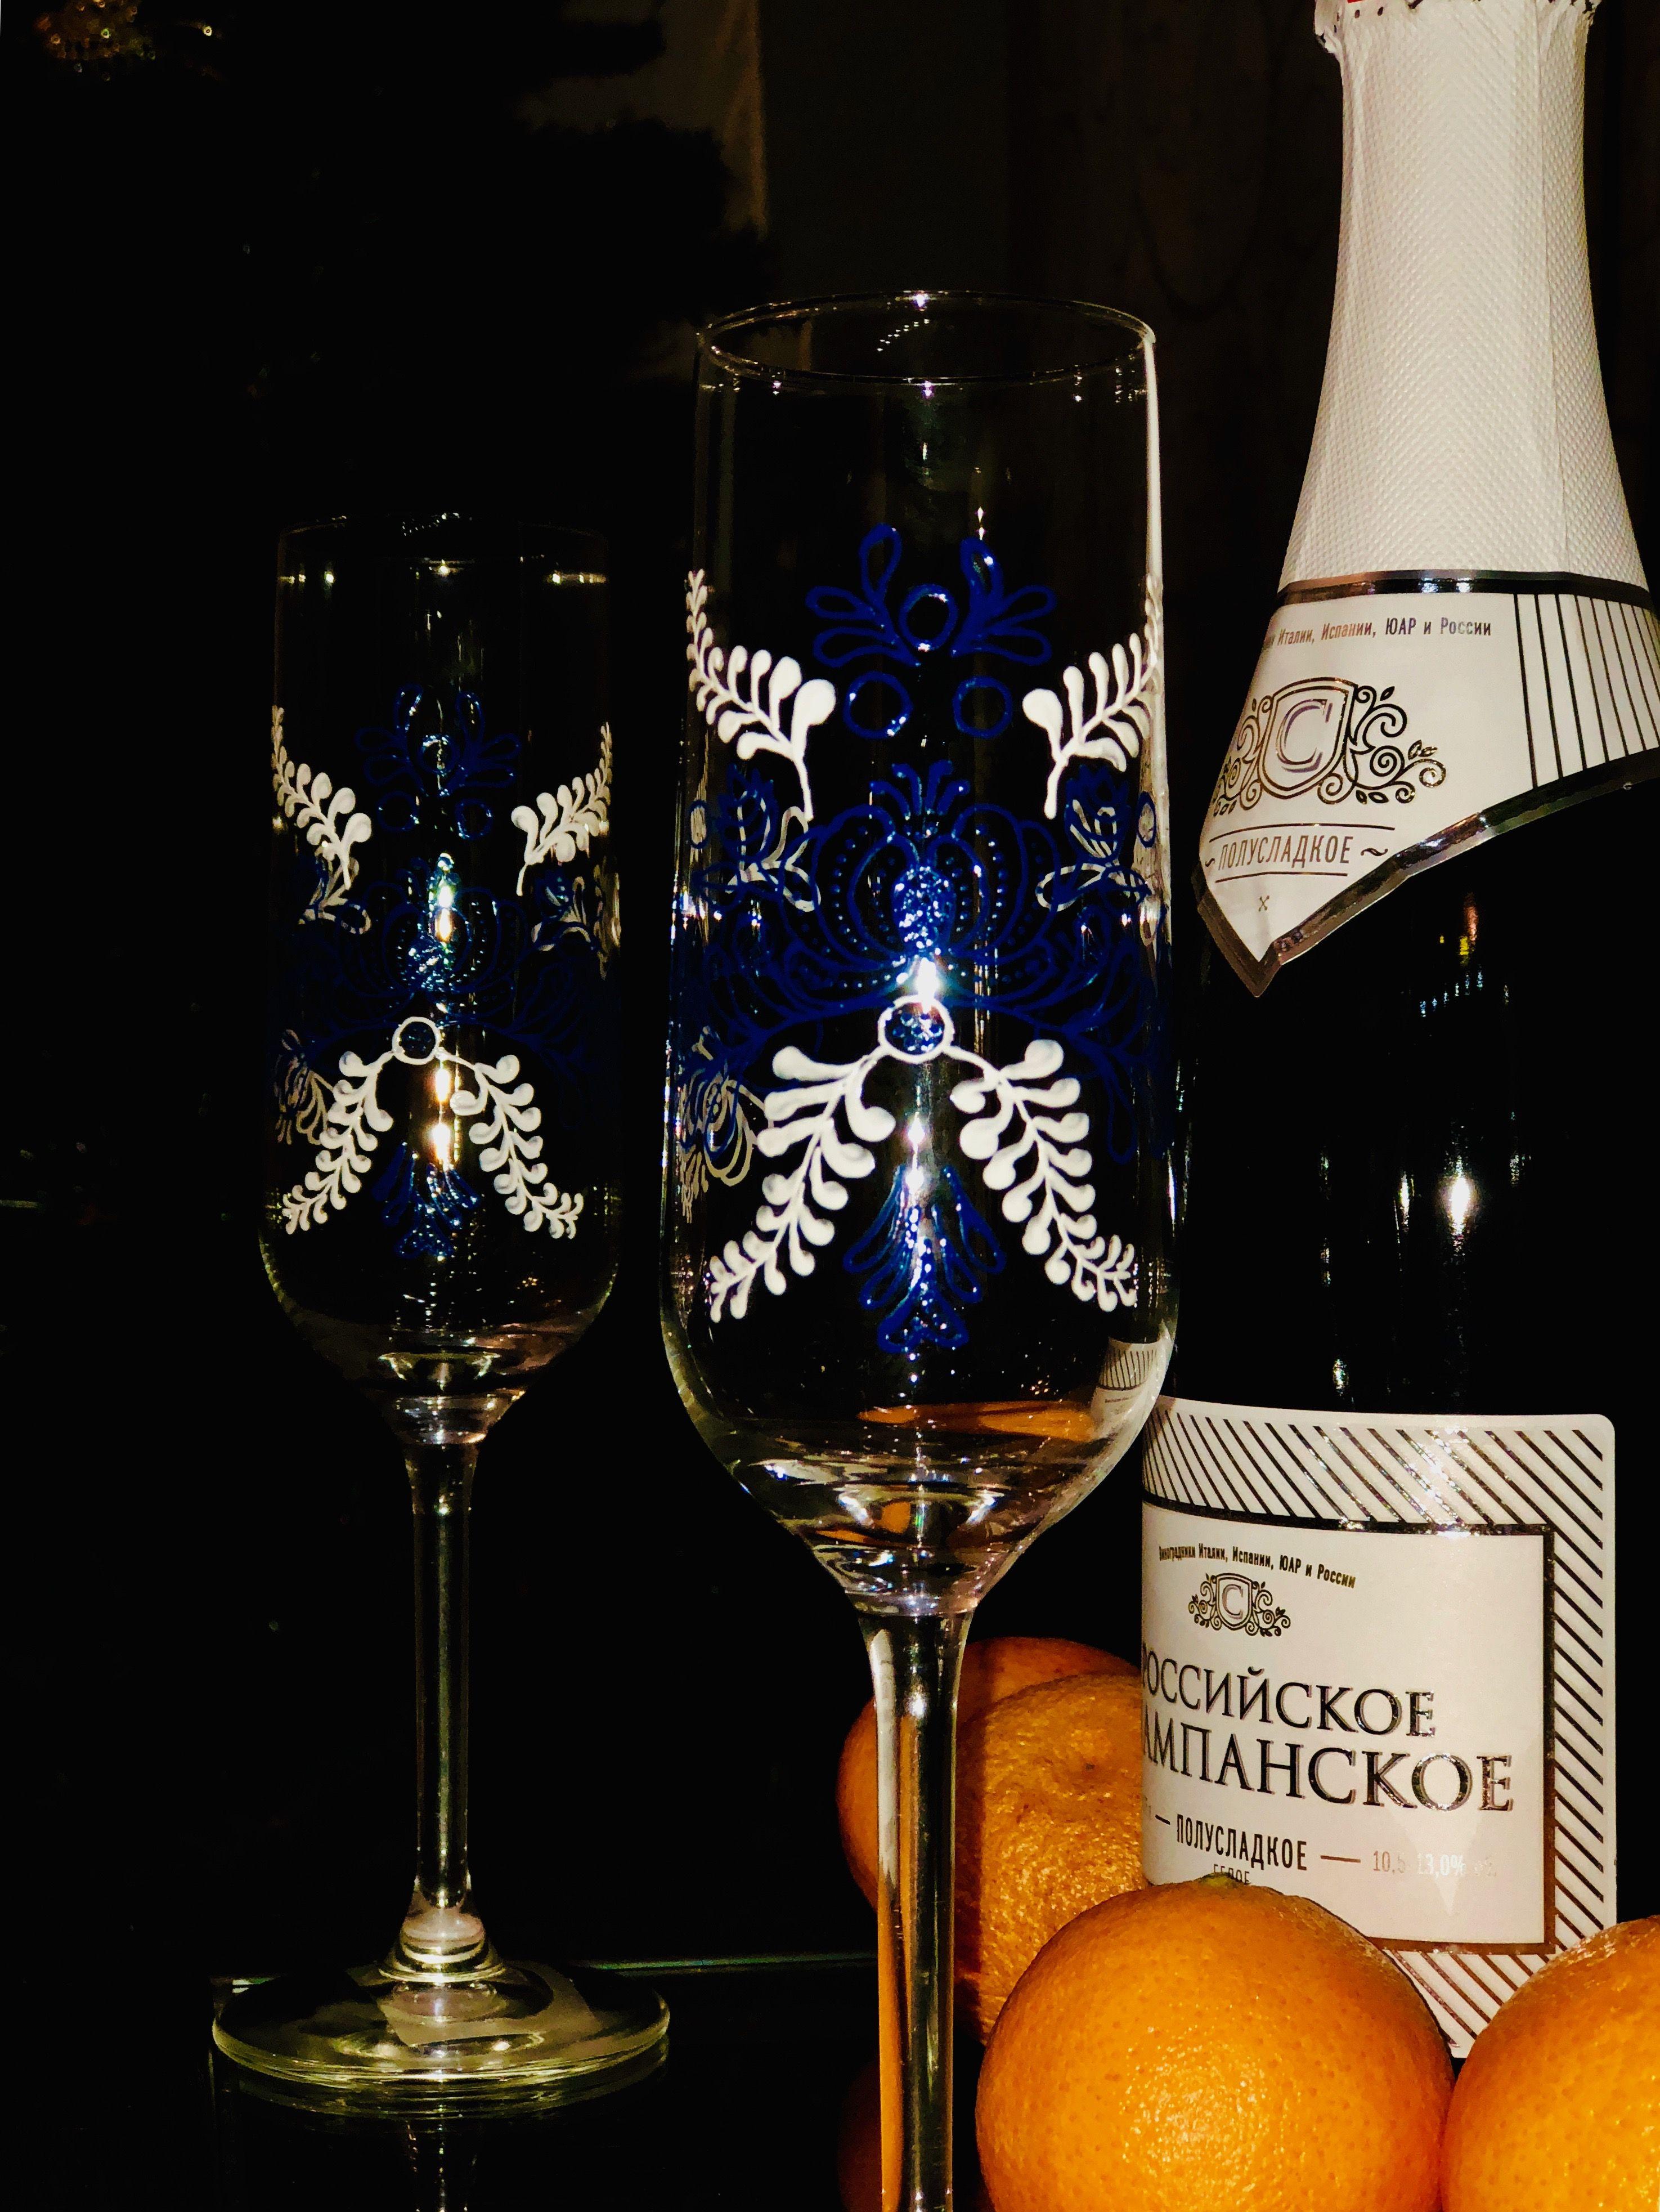 Отличный подарок на Новый год!!! | Стекло, Кружка, Новый год